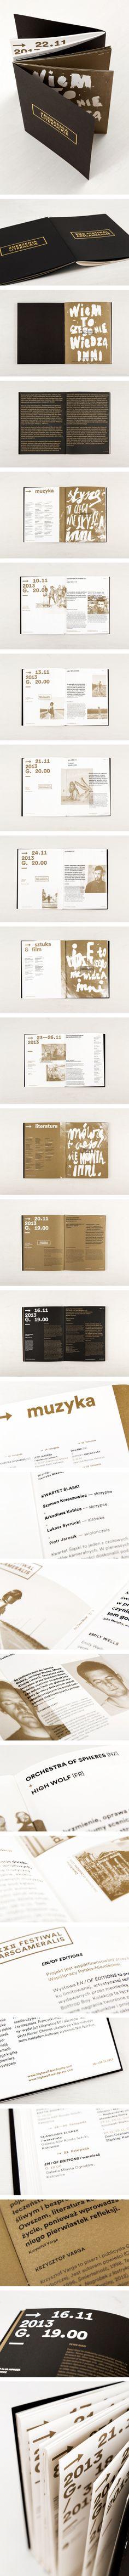 XXII Festiwal Ars Cameralis brochure by Marta Gawin